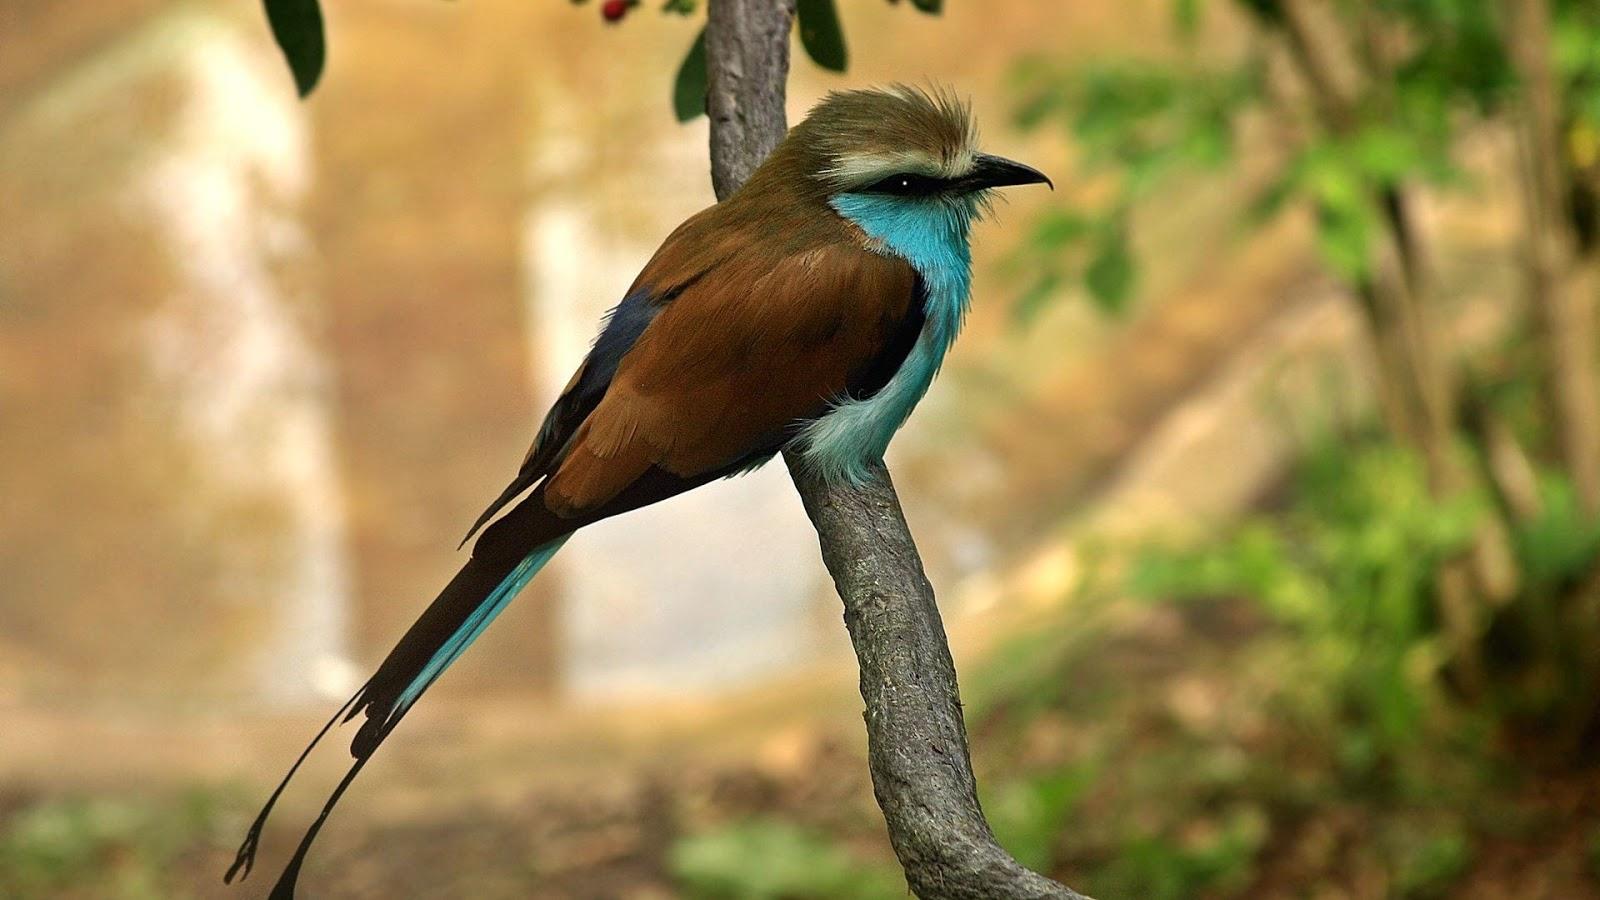 birds hd desktop wallpapers | whatsapp status, images, dp images